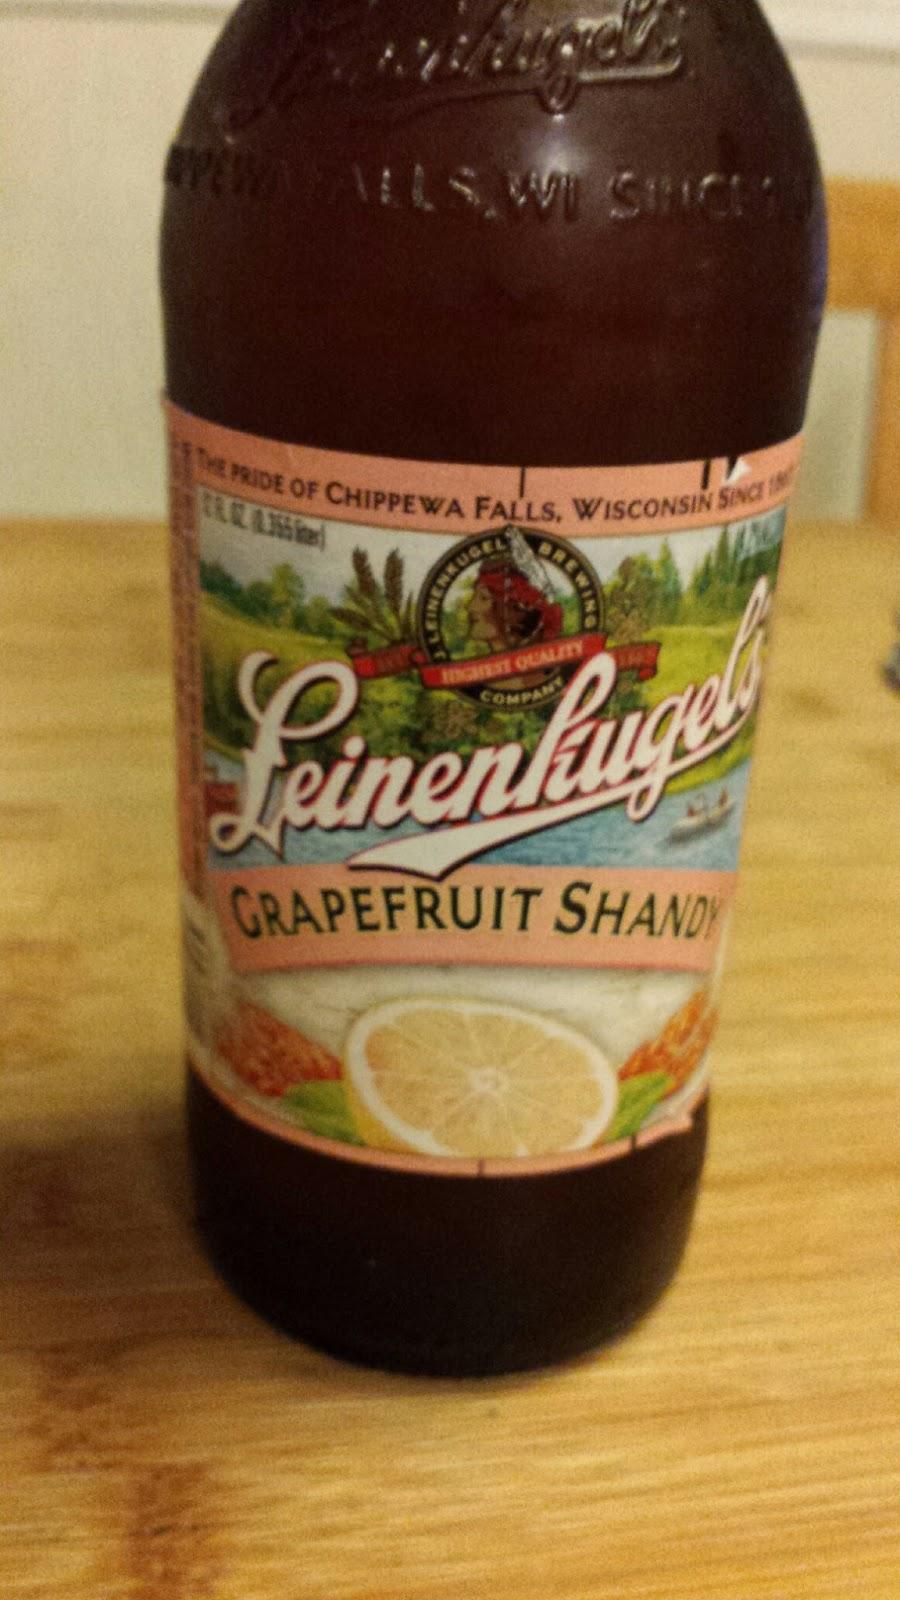 Where to buy leinenkugel s grapefruit shandy - This Week S Sunday Night Suds Looks At Leinenkugel S Grapefruit Shandy